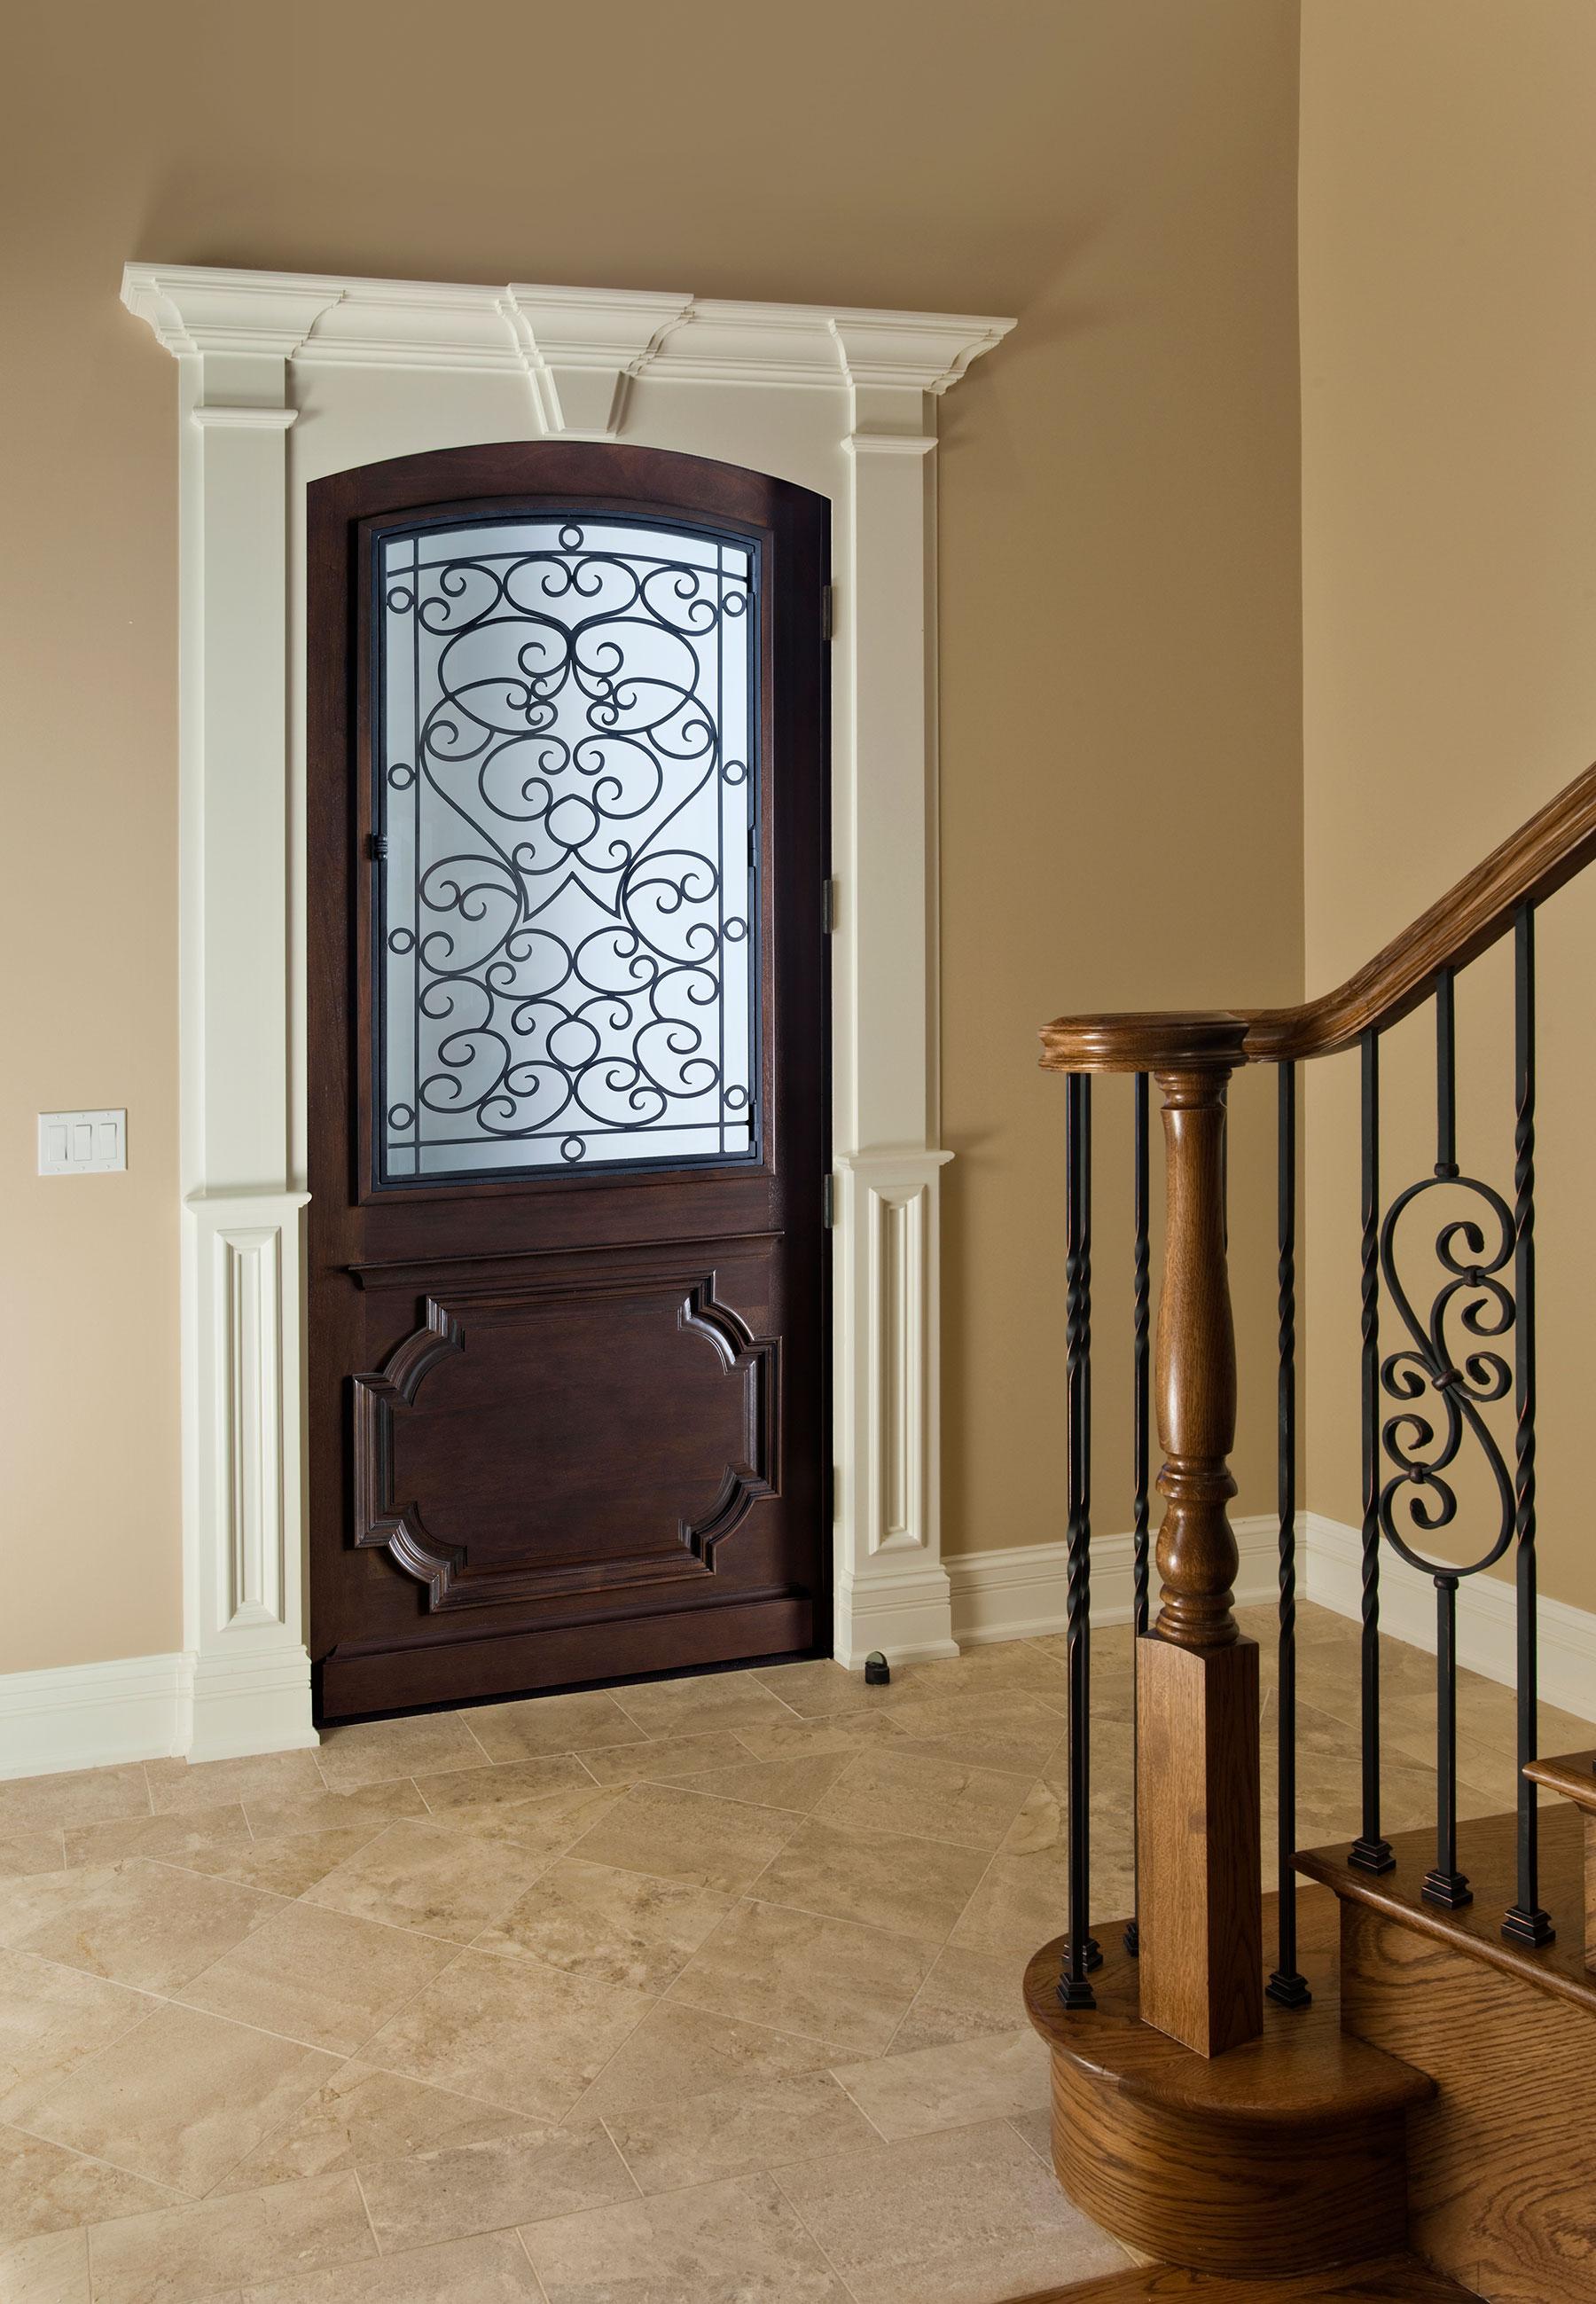 Custom Wood Front Entry Doors | Heritage Collection Custom Wood Front Entry Door DB-H003 F CST - Glenview Doors - Custom Doors in Chicago